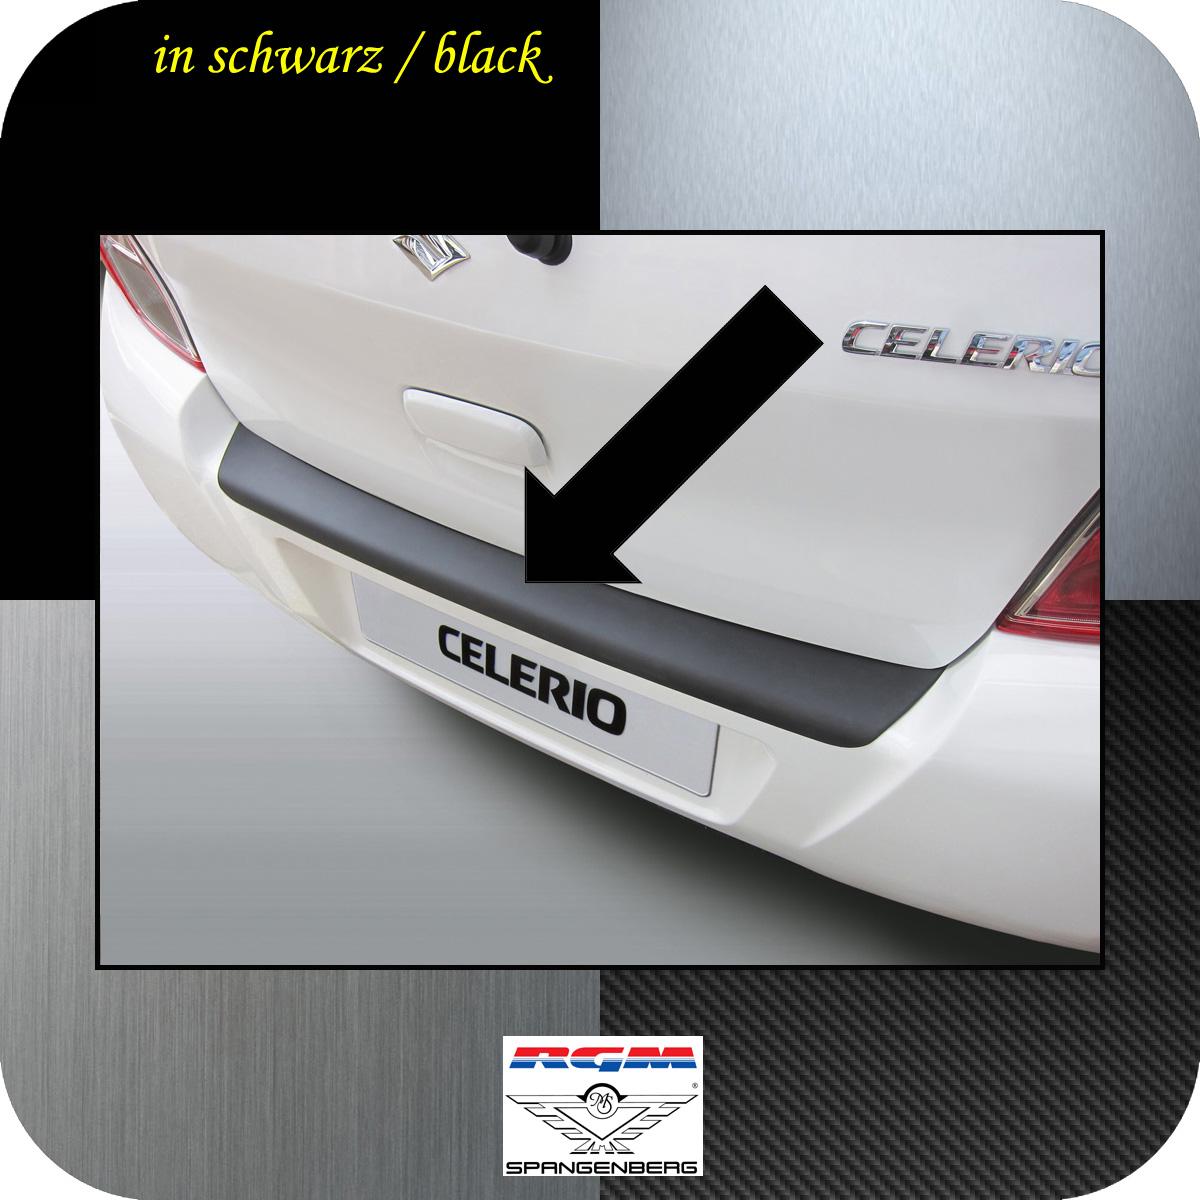 Ladekantenschutz schwarz Suzuki Celerio Schrägheck ab Baujahr 03.2014- 3500937